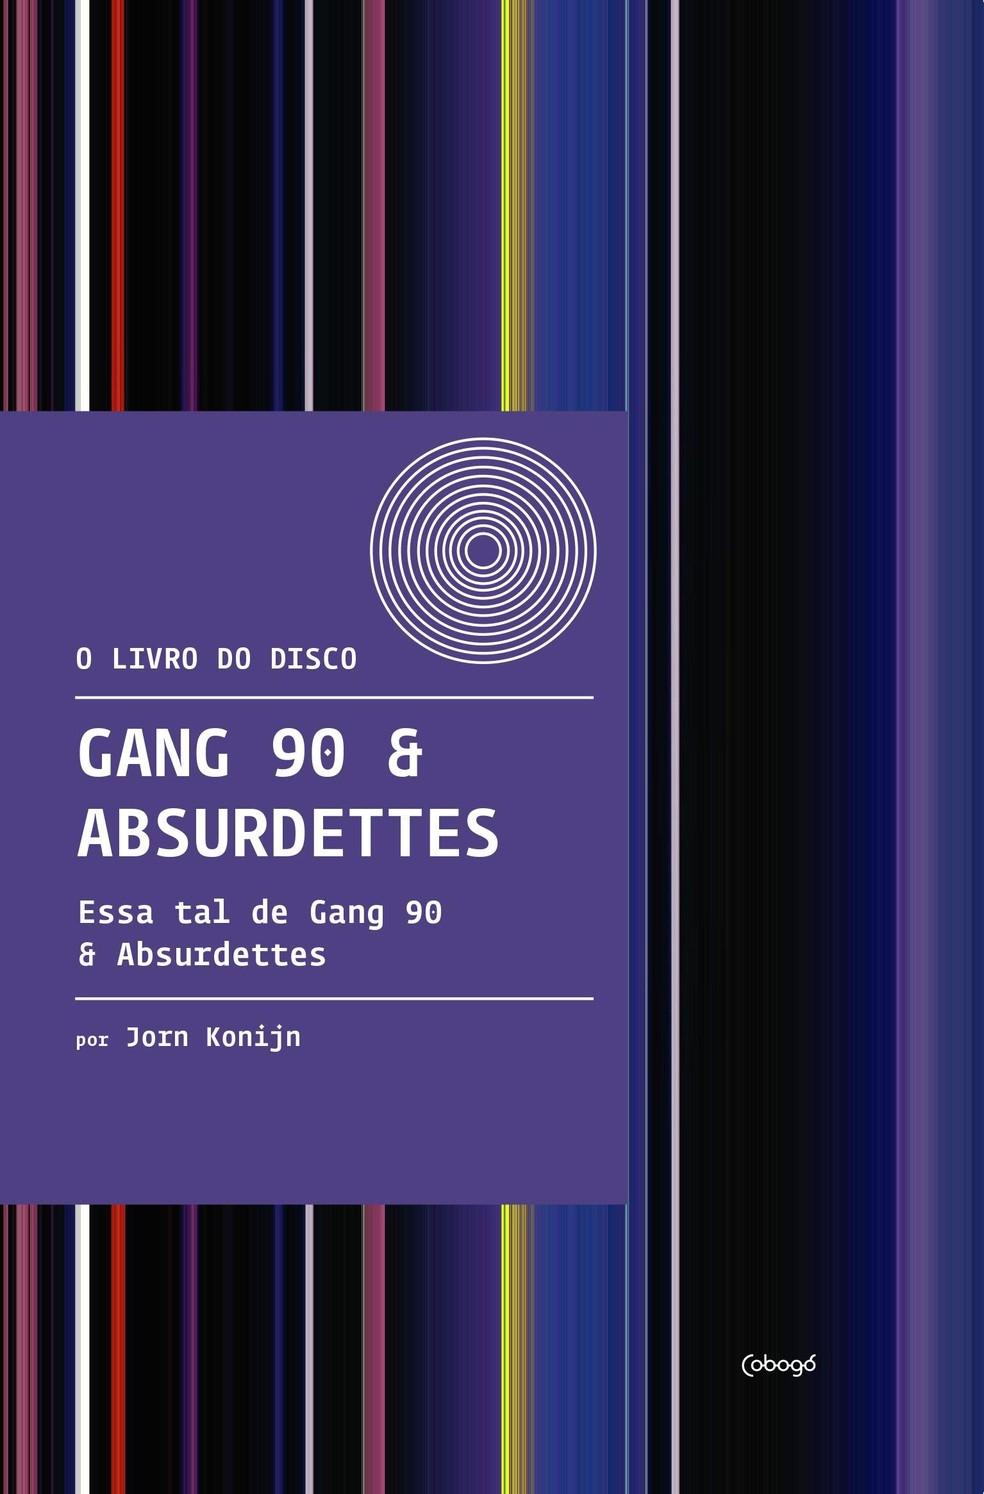 Capa do livro 'Gang 90 & Absurdettes – Essa tal de Gang 90 & Absurdettes' — Foto: Reprodução